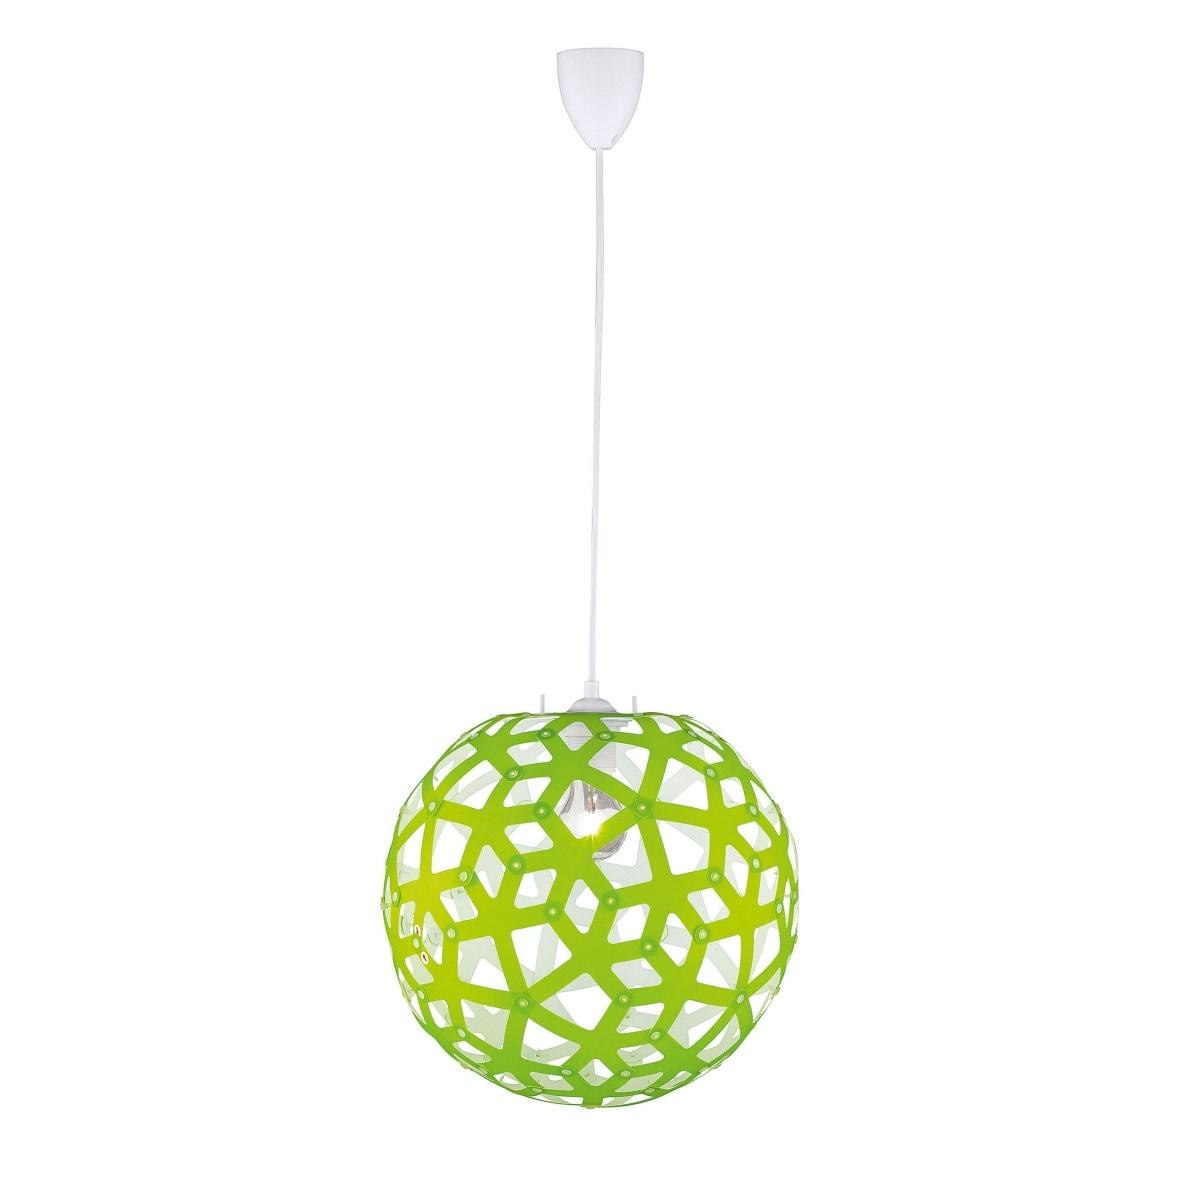 pendelleuchte gr n wei pendellampen lampen dekoration m bel boss. Black Bedroom Furniture Sets. Home Design Ideas